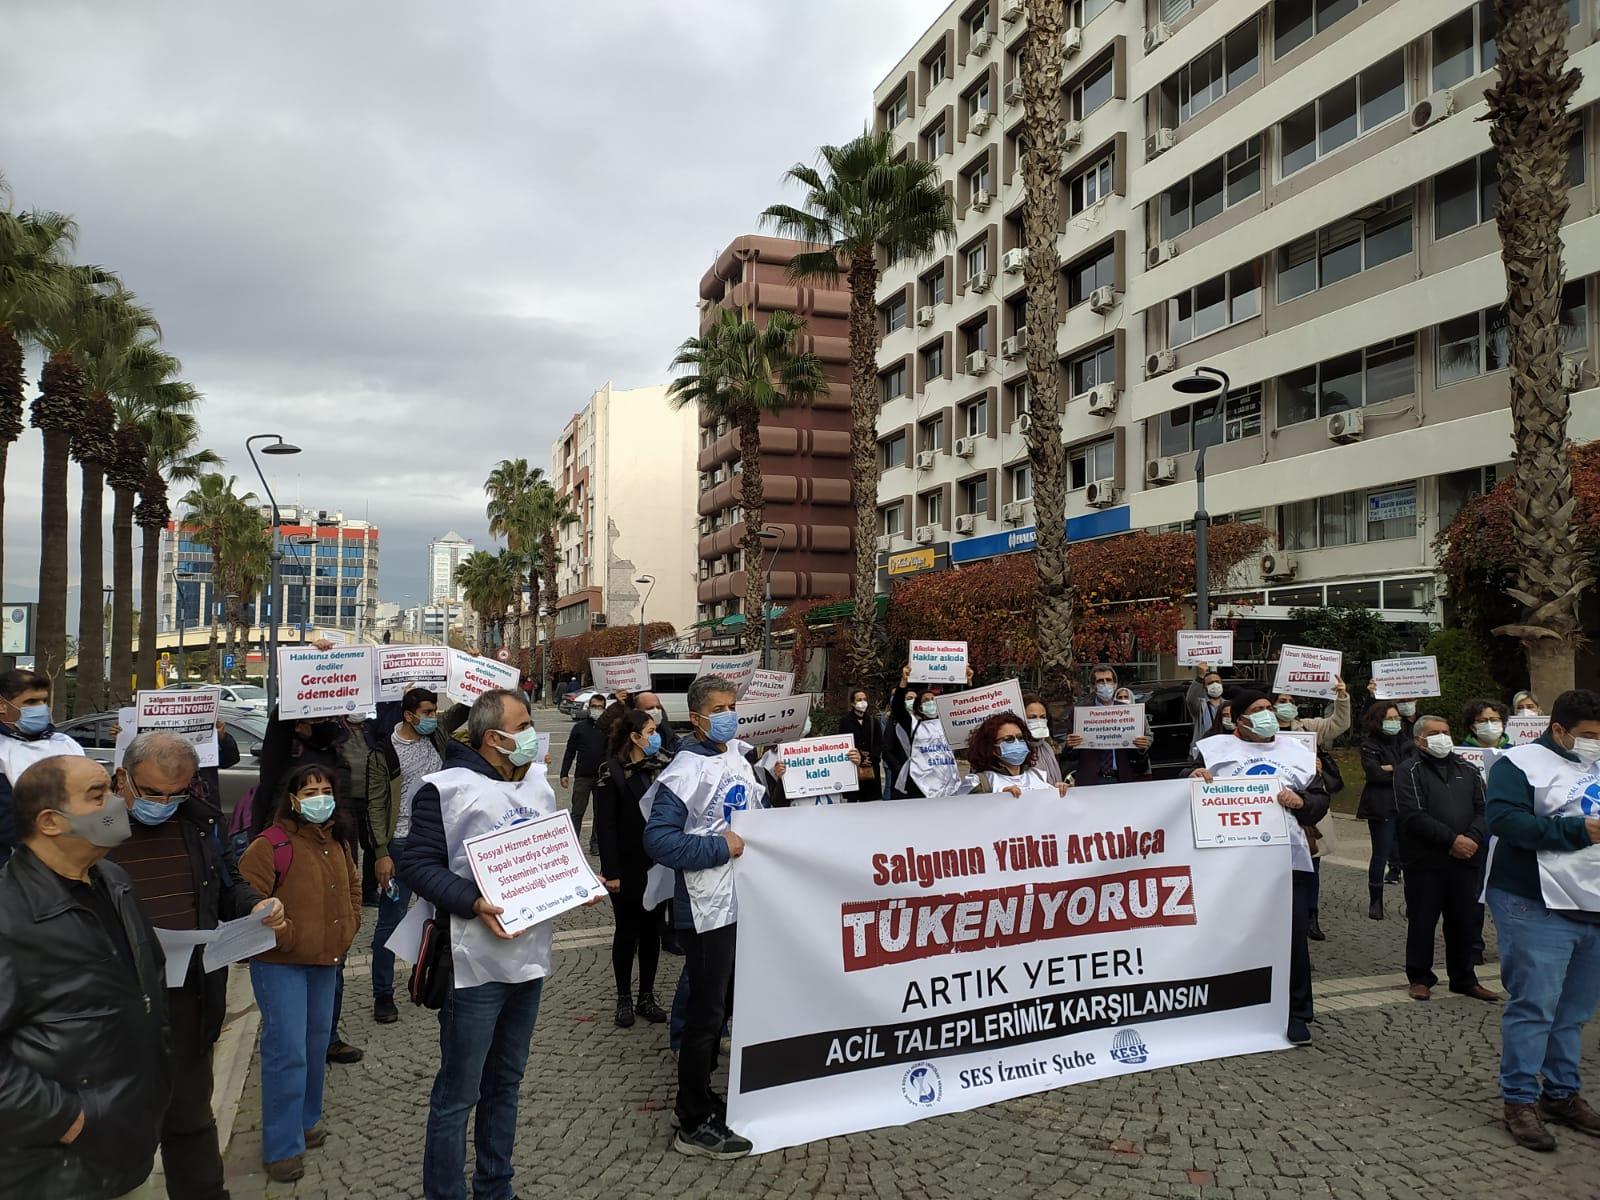 İzmir Şubemiz: Salgının Yükü Arttıkça Tükeniyoruz! Artık Yeter, Taleplerimiz Karşılansın